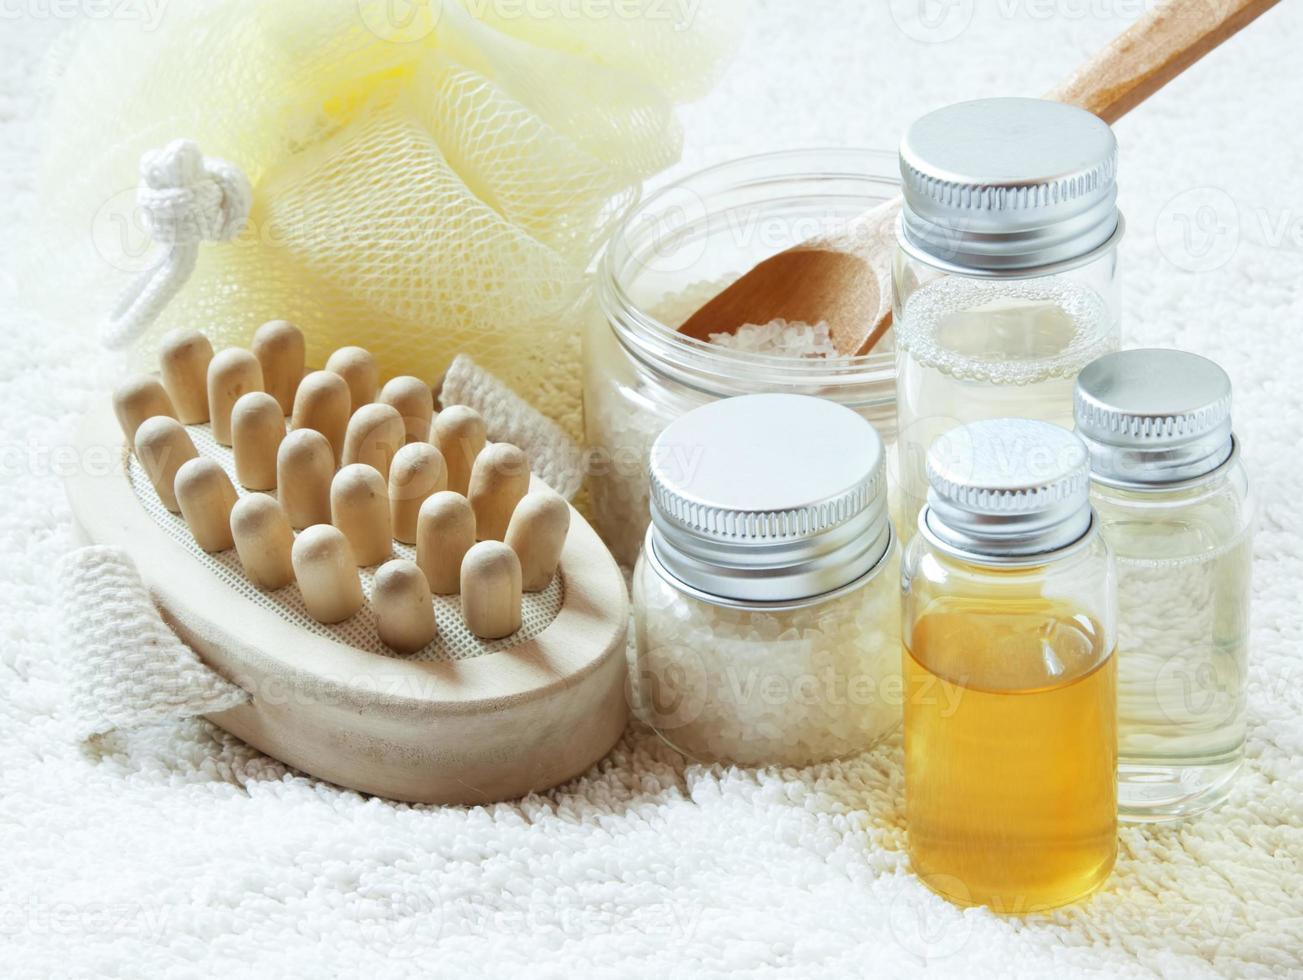 stabilimento termale con bottiglie di olio essenziale foto